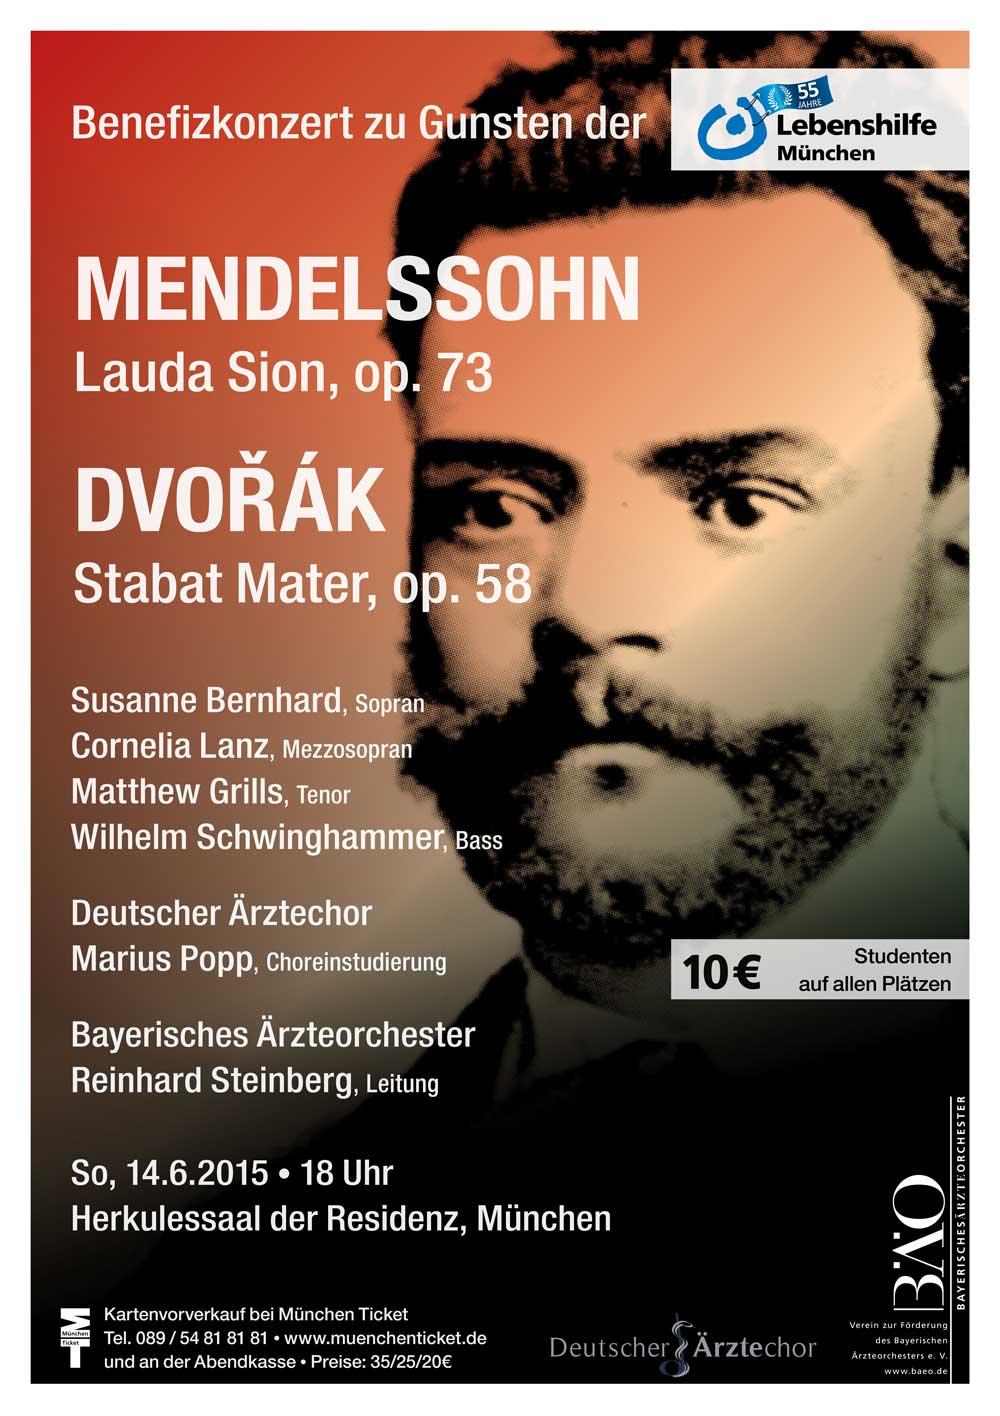 Plakat Bayerisches Ärzteorchester 2015